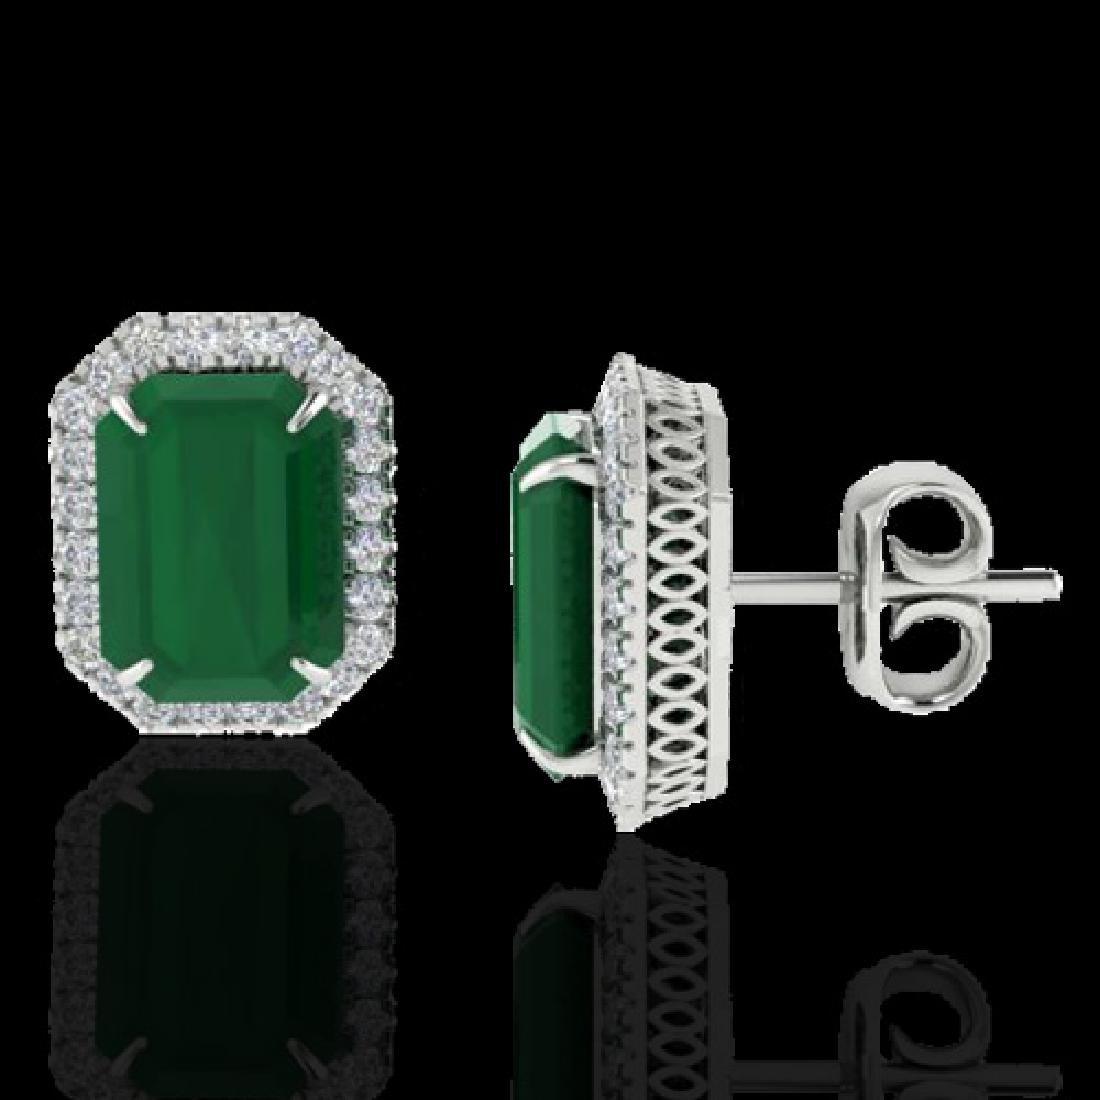 10.40 CTW Emerald & Micro Pave VS/SI Diamond Halo - 2